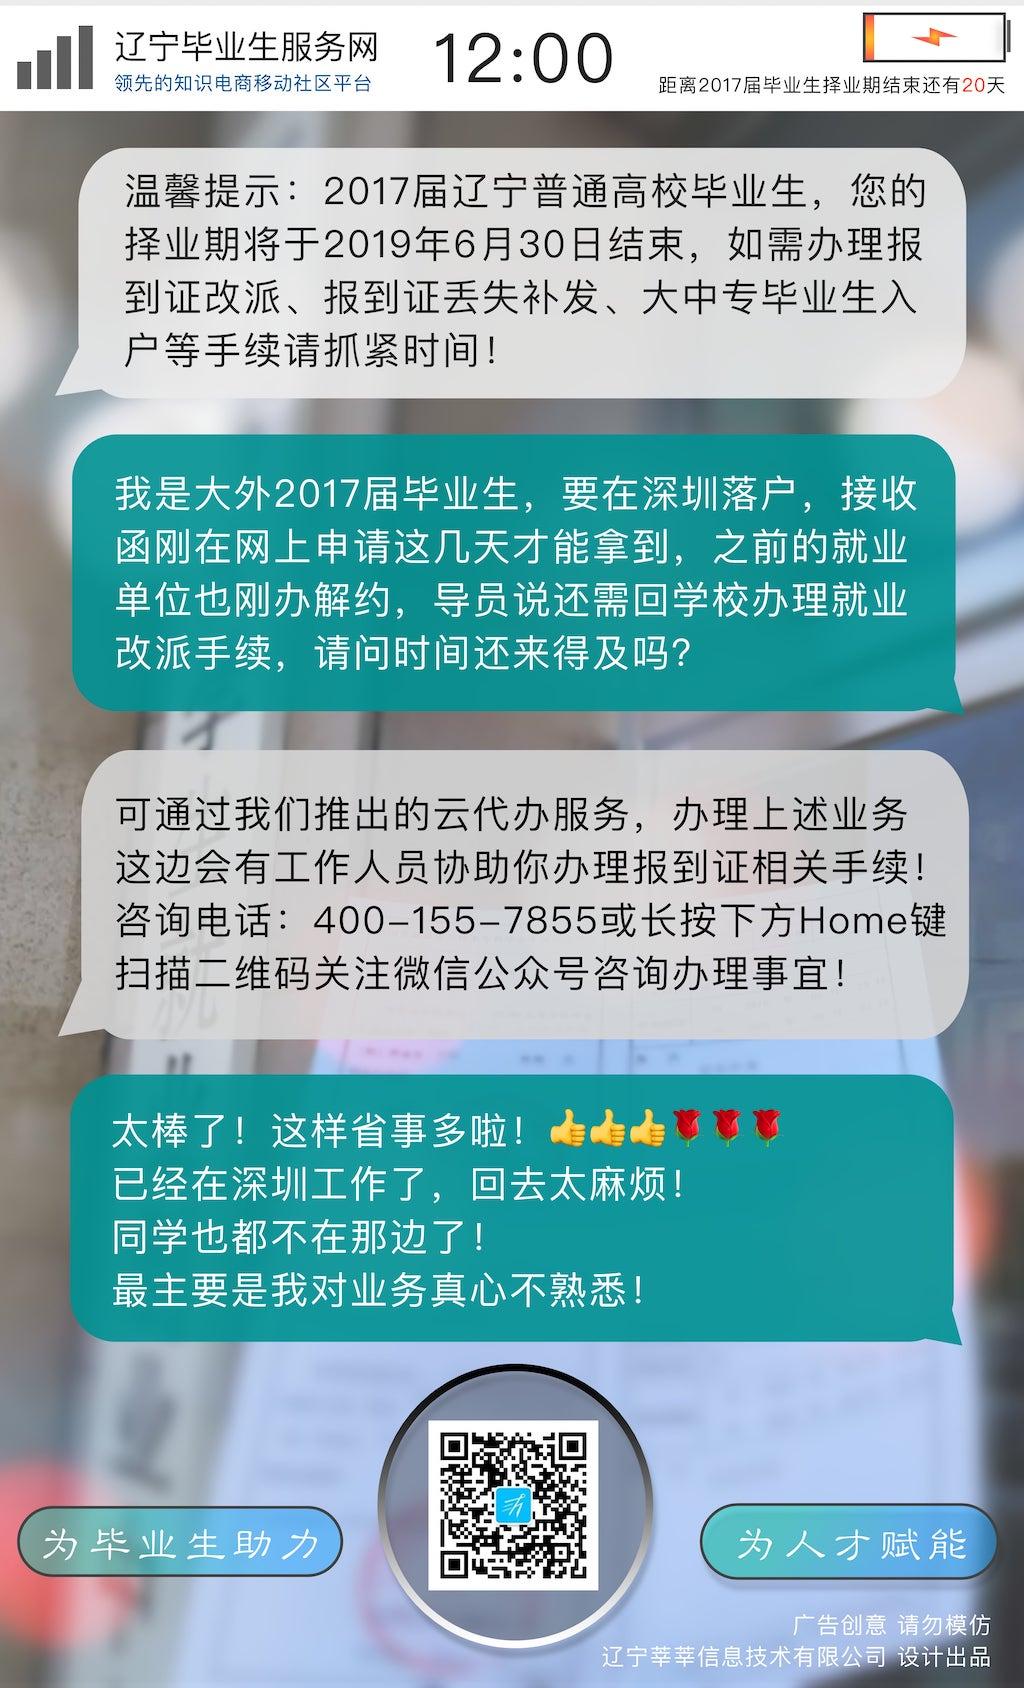 辽宁毕业生服务网手机短信版广告@3x.jpg